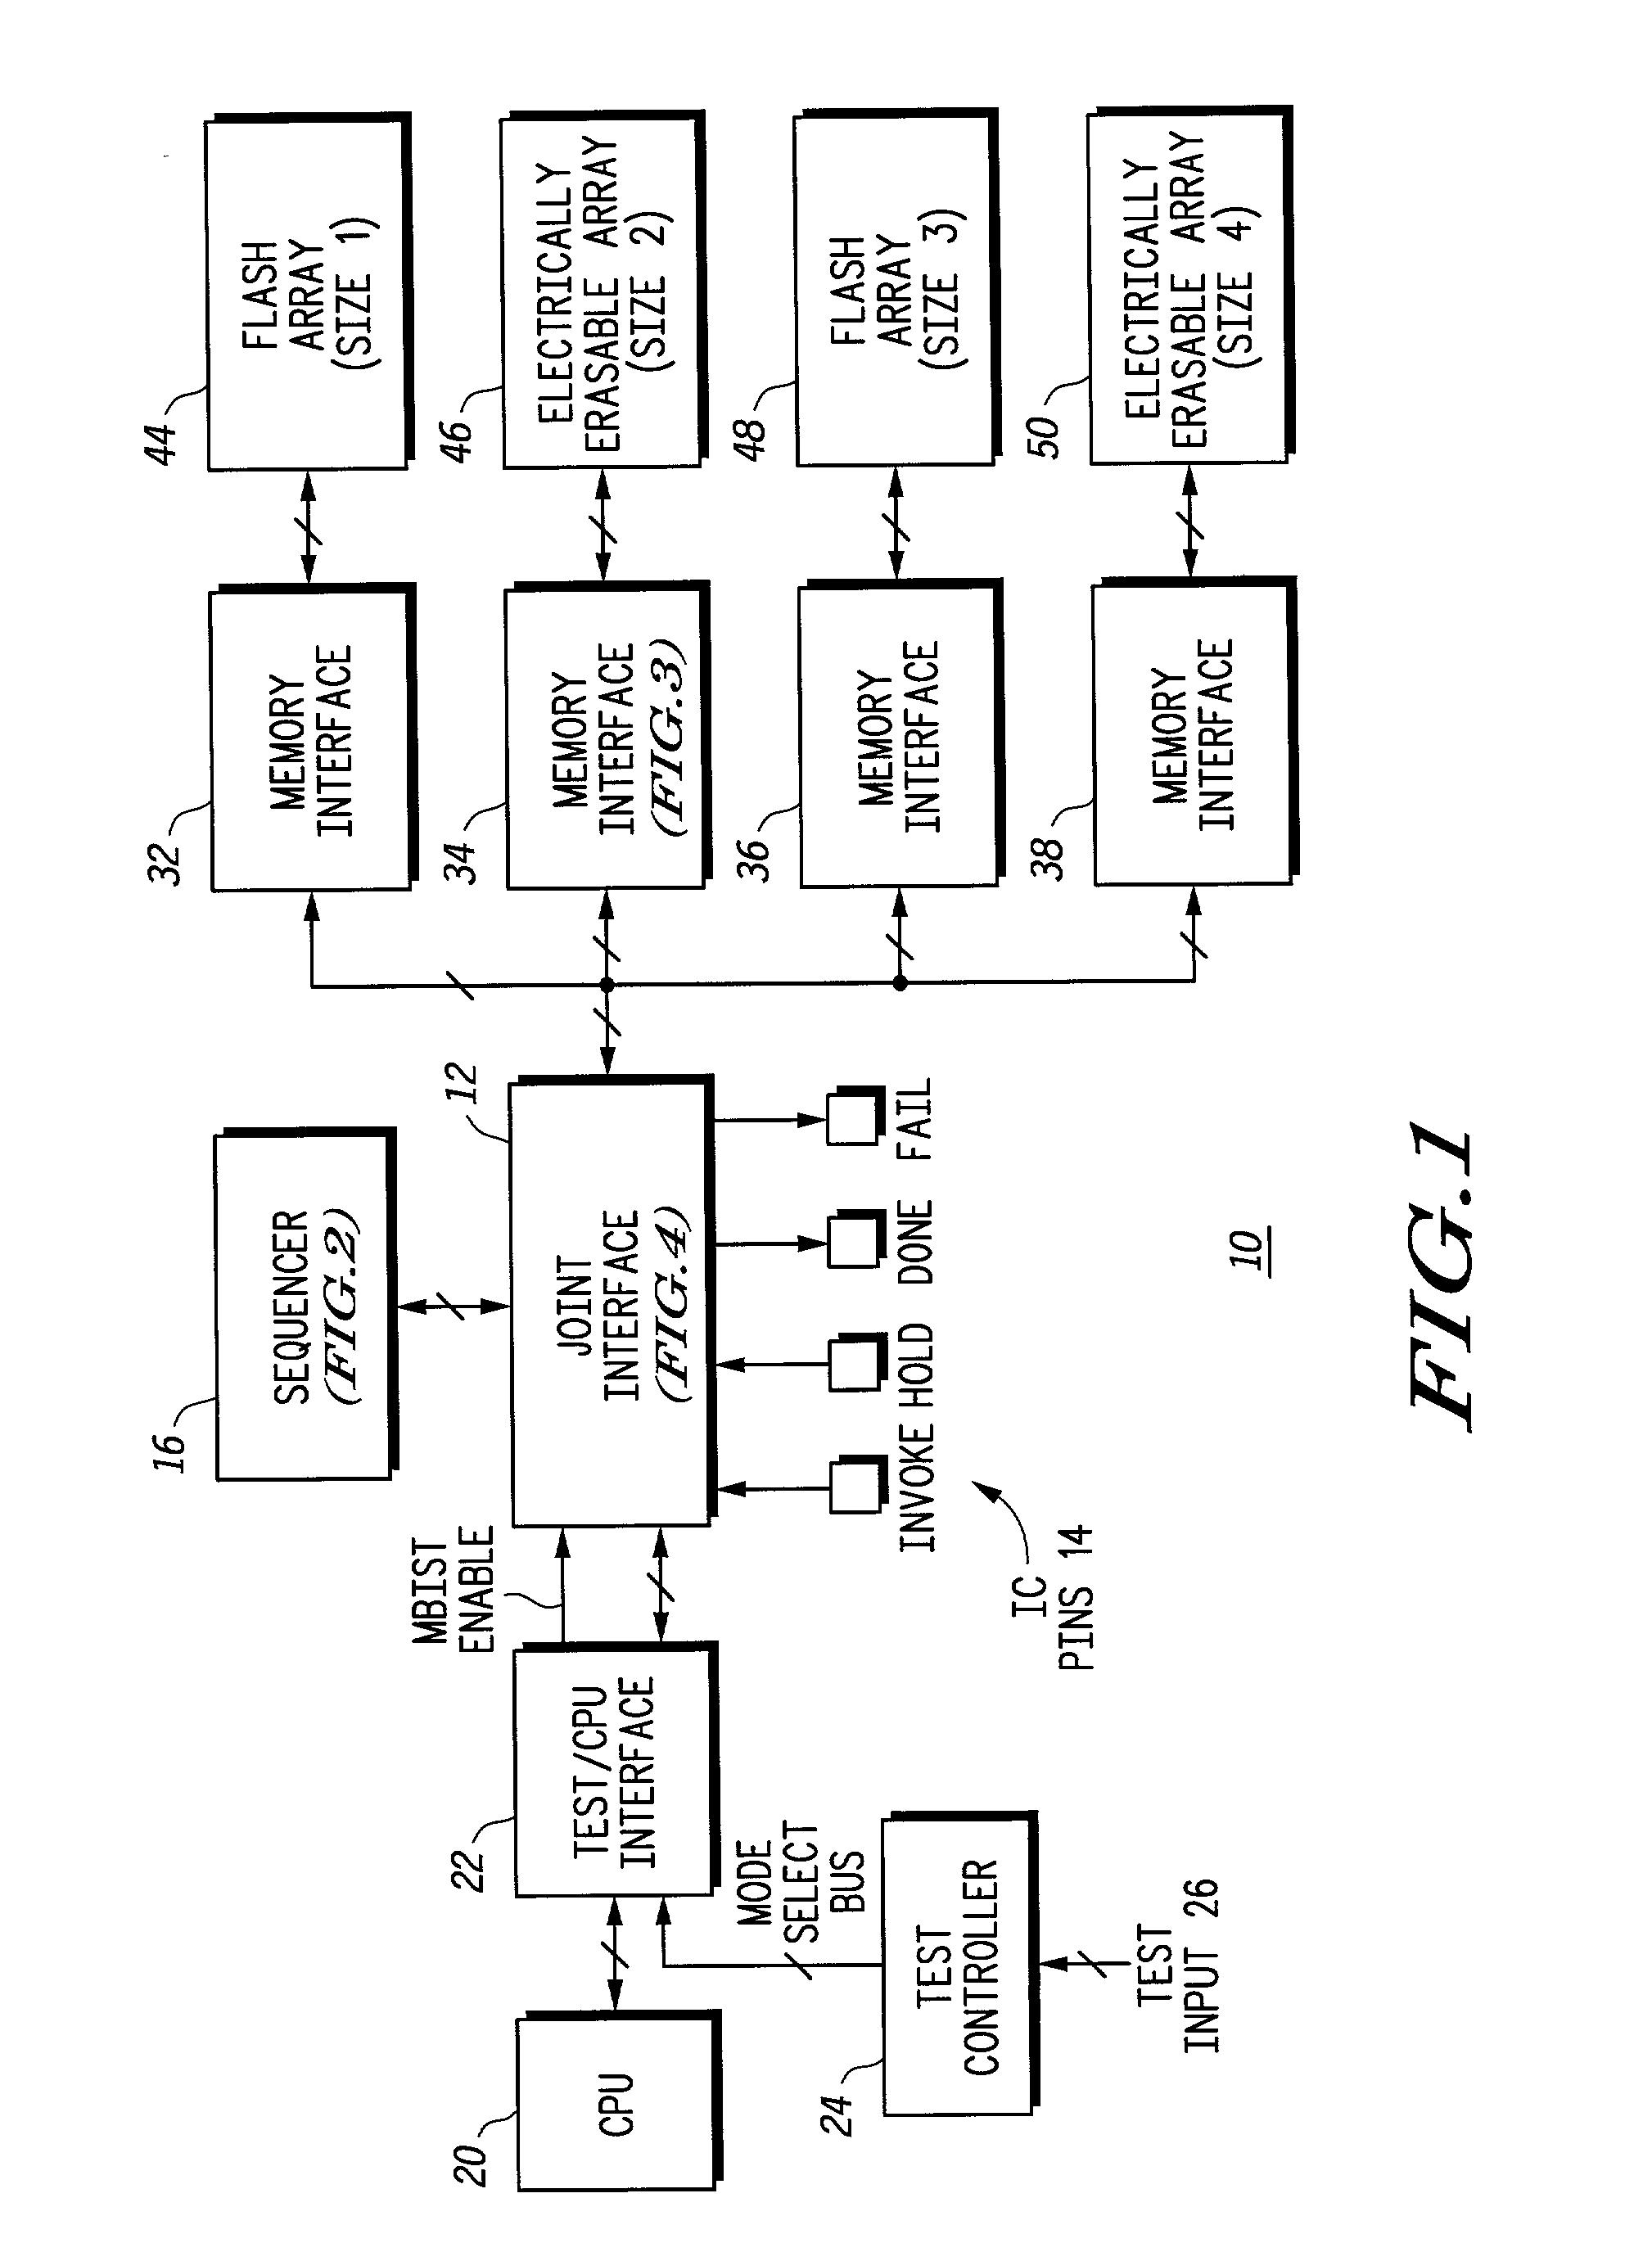 patent us20020174394